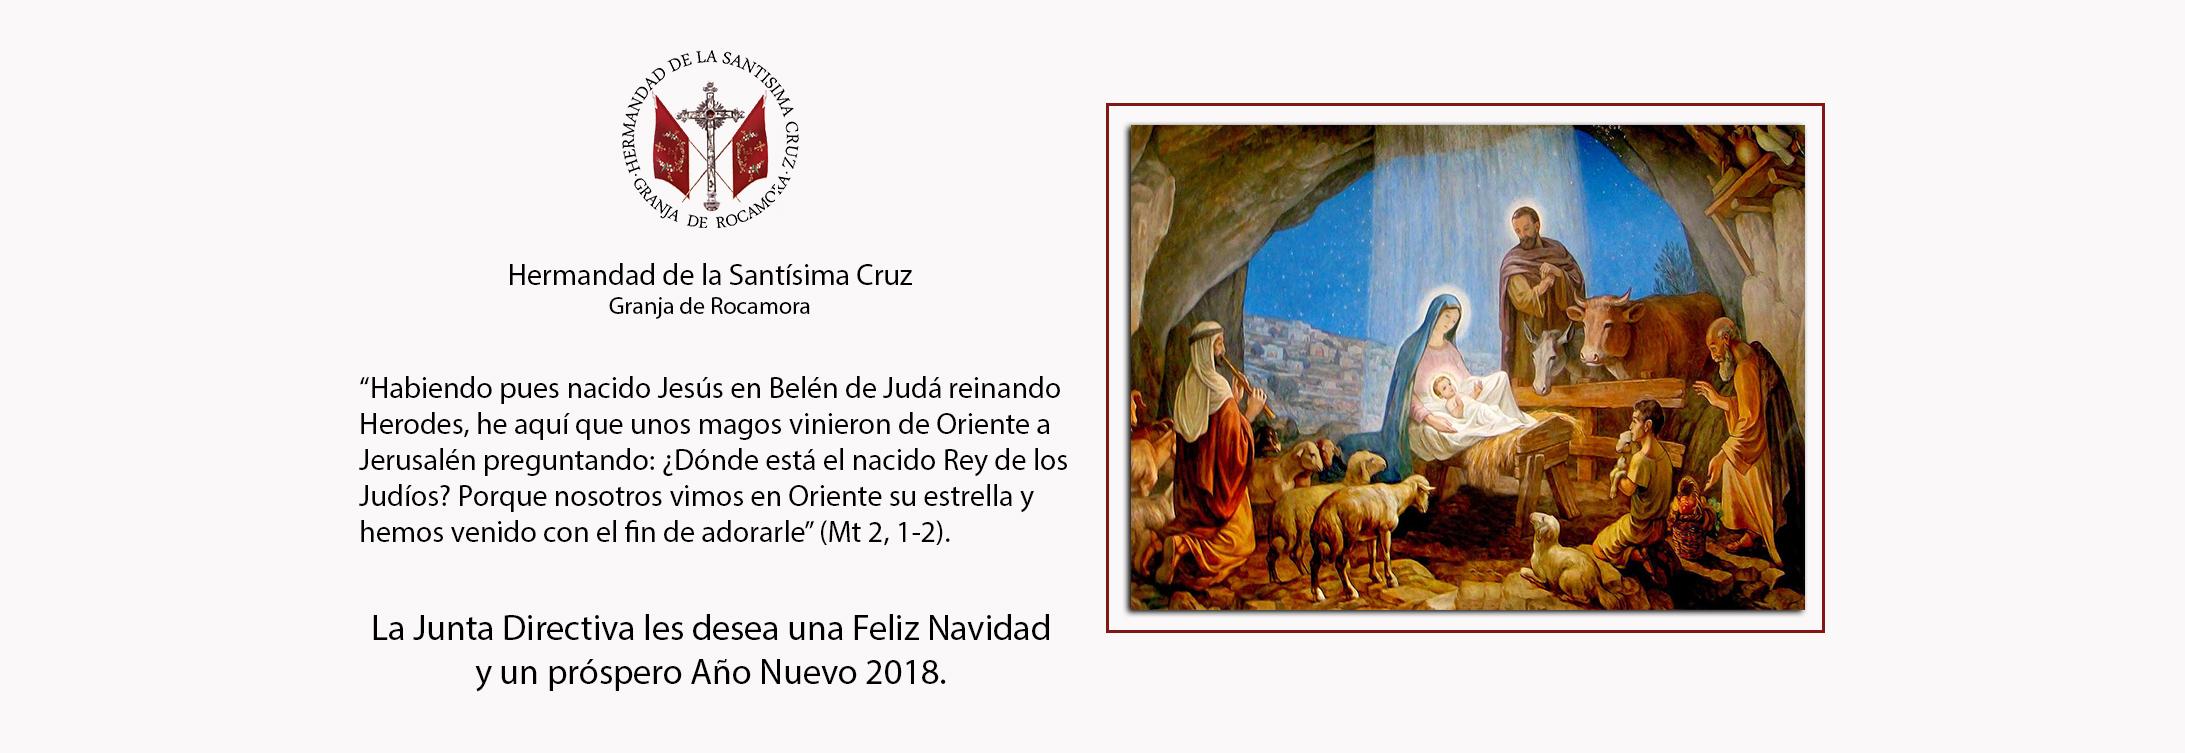 Carta de Navidad y Programación 2018